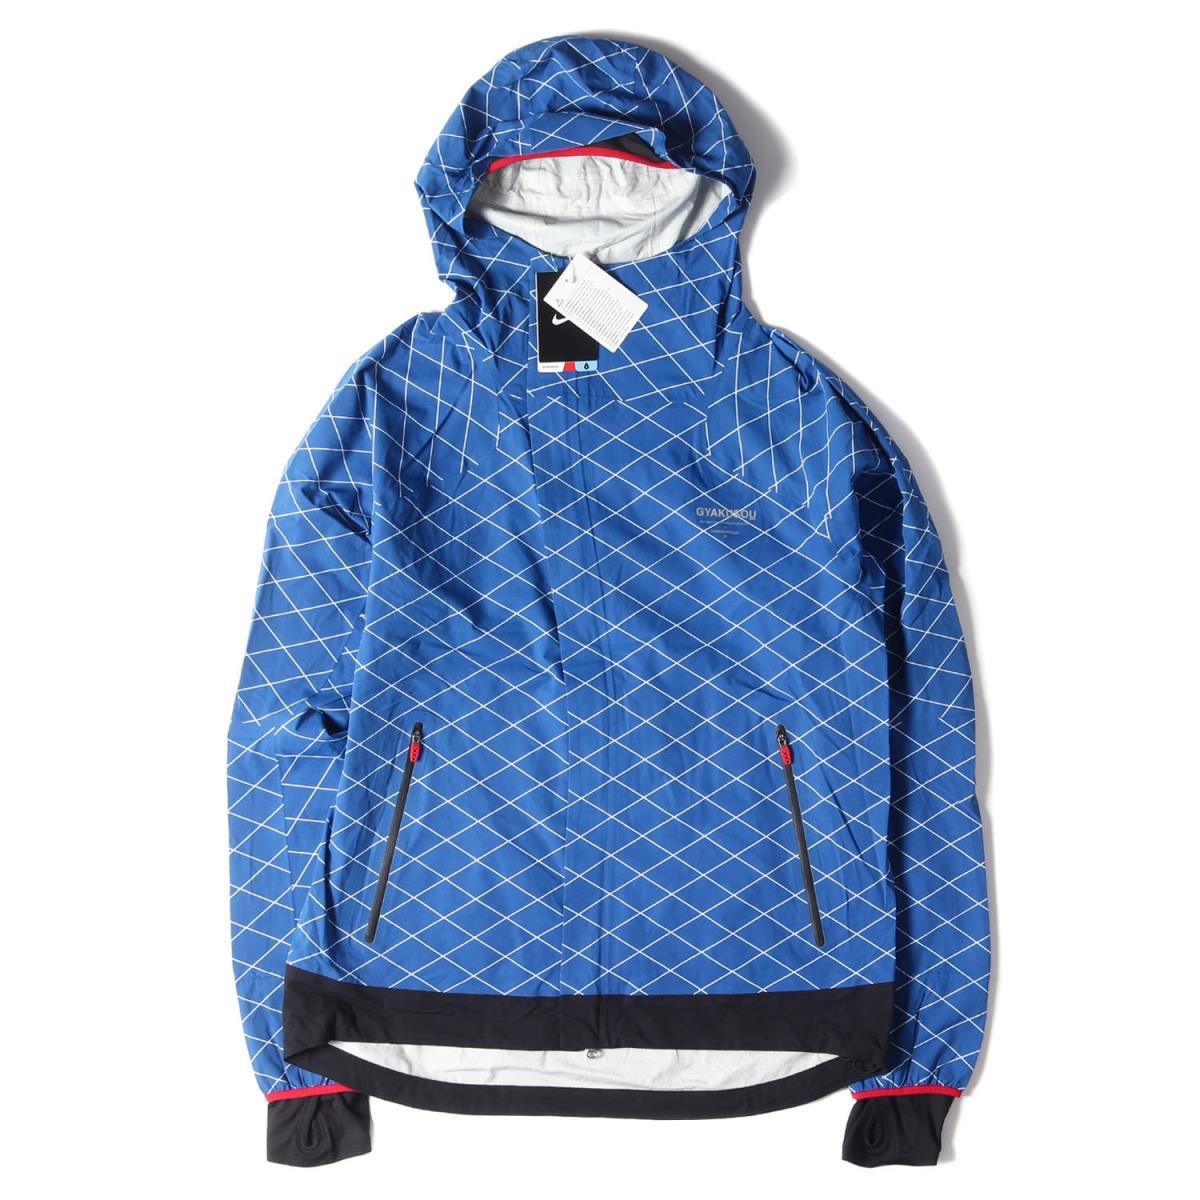 メンズファッション, コート・ジャケット UNDERCOVER NIKE GYAKUSOU Shield Runner Jkt 15AW XL K2770